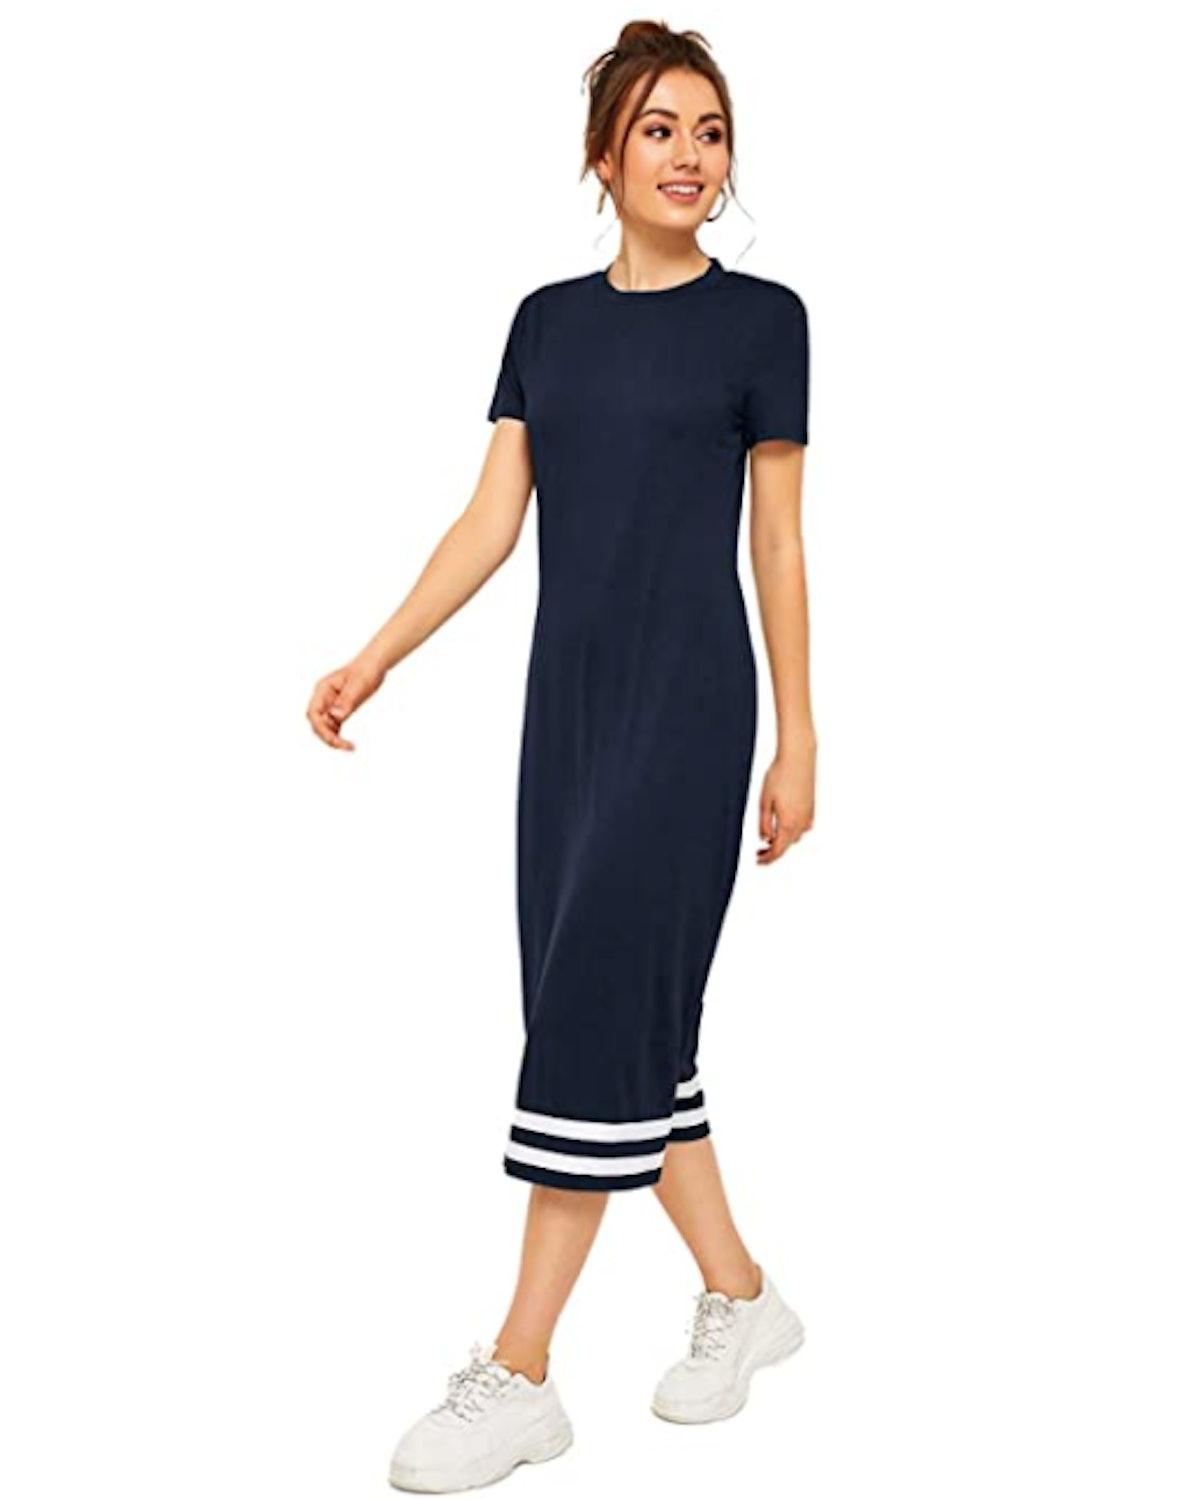 Romwe Midi T-Shirt Dress